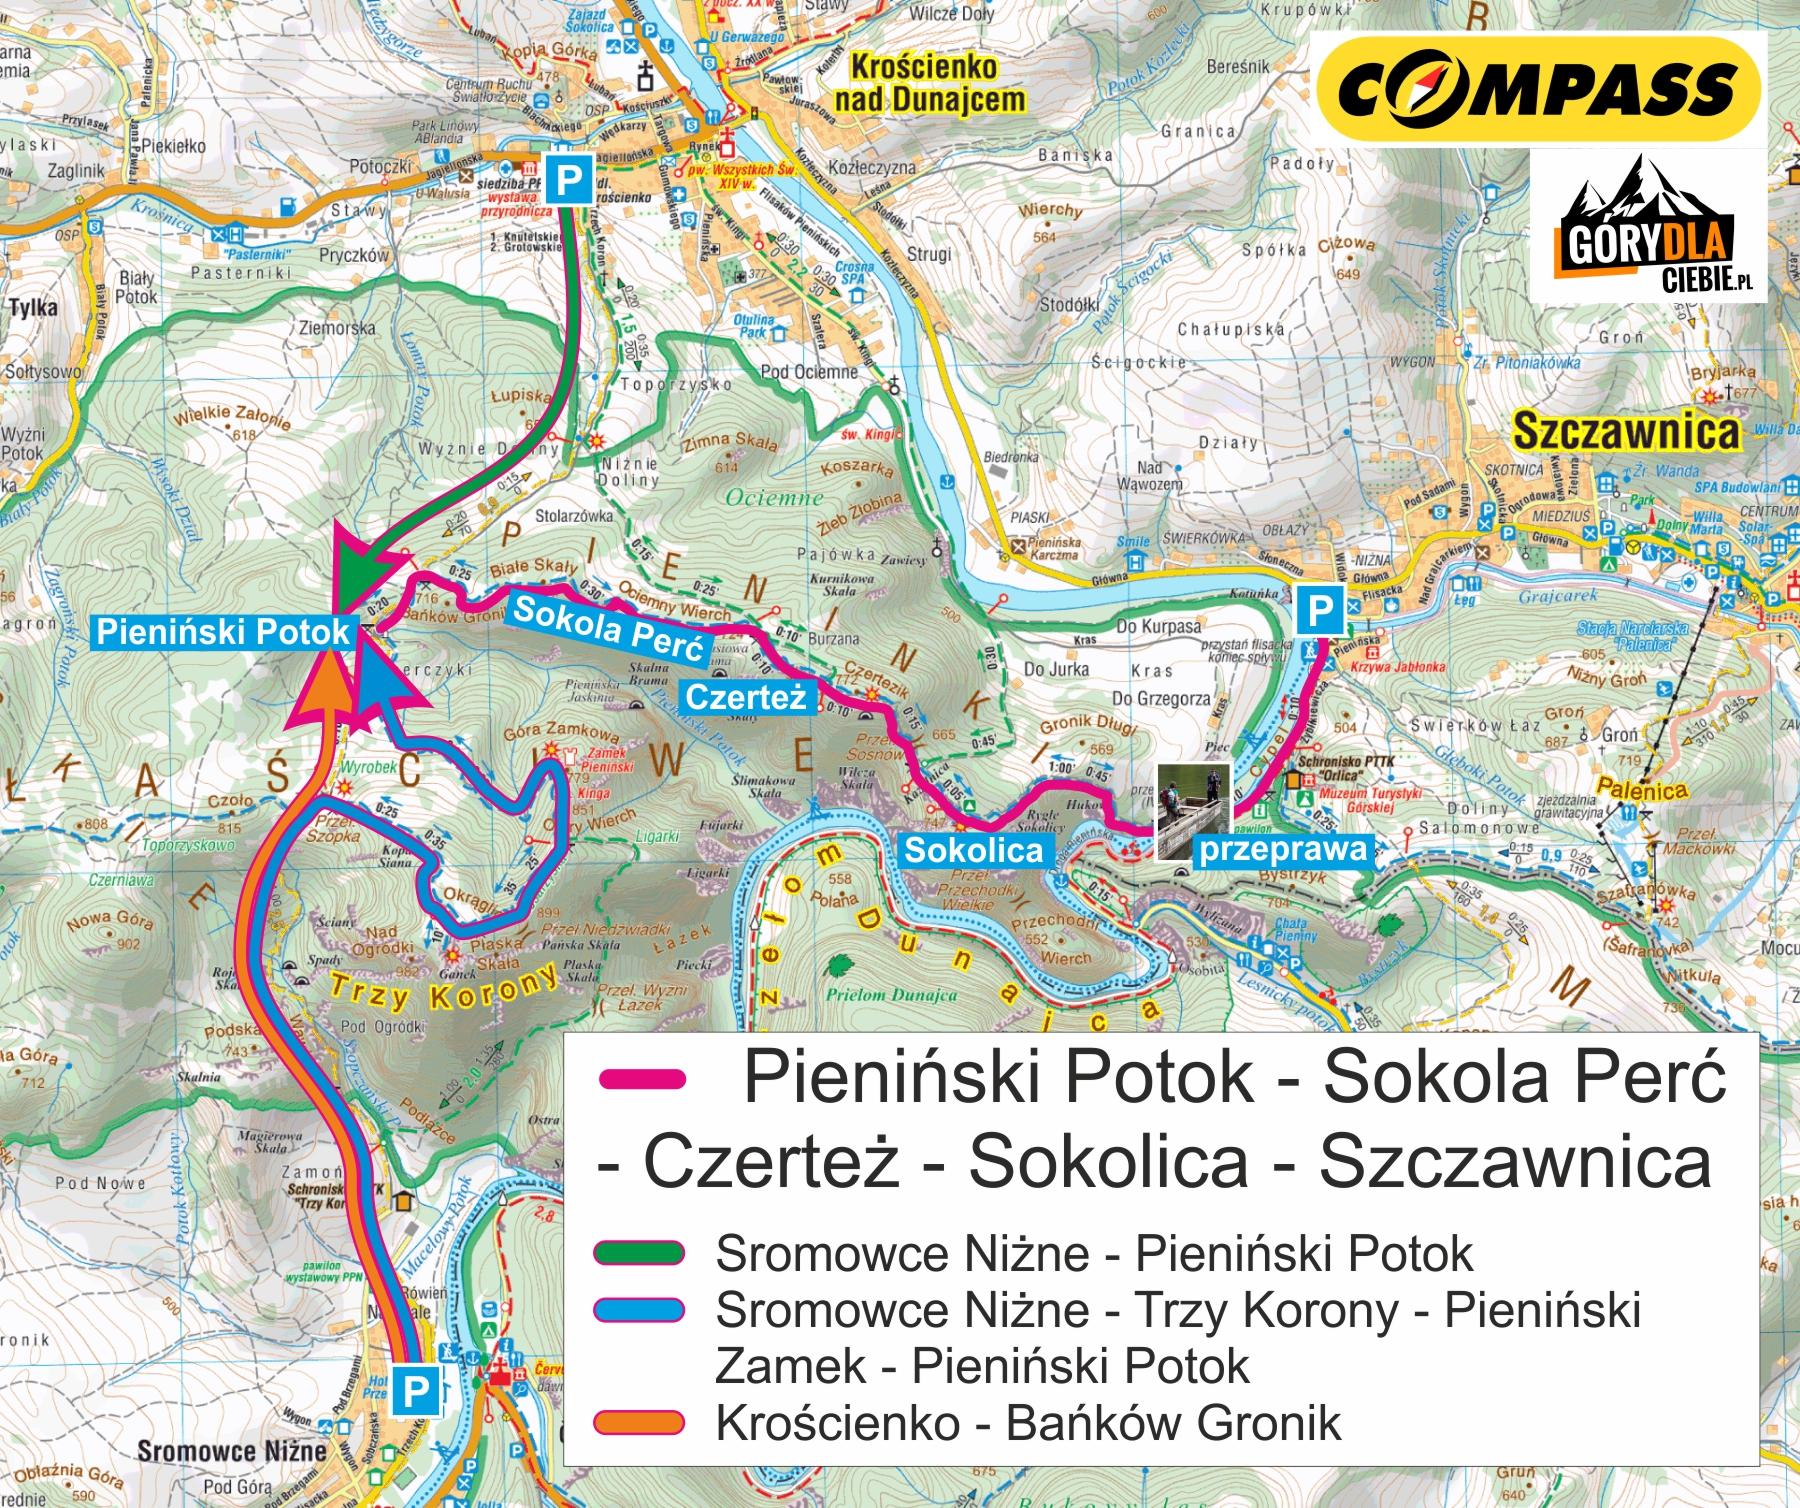 Pieniny Sokoa Perć mapa